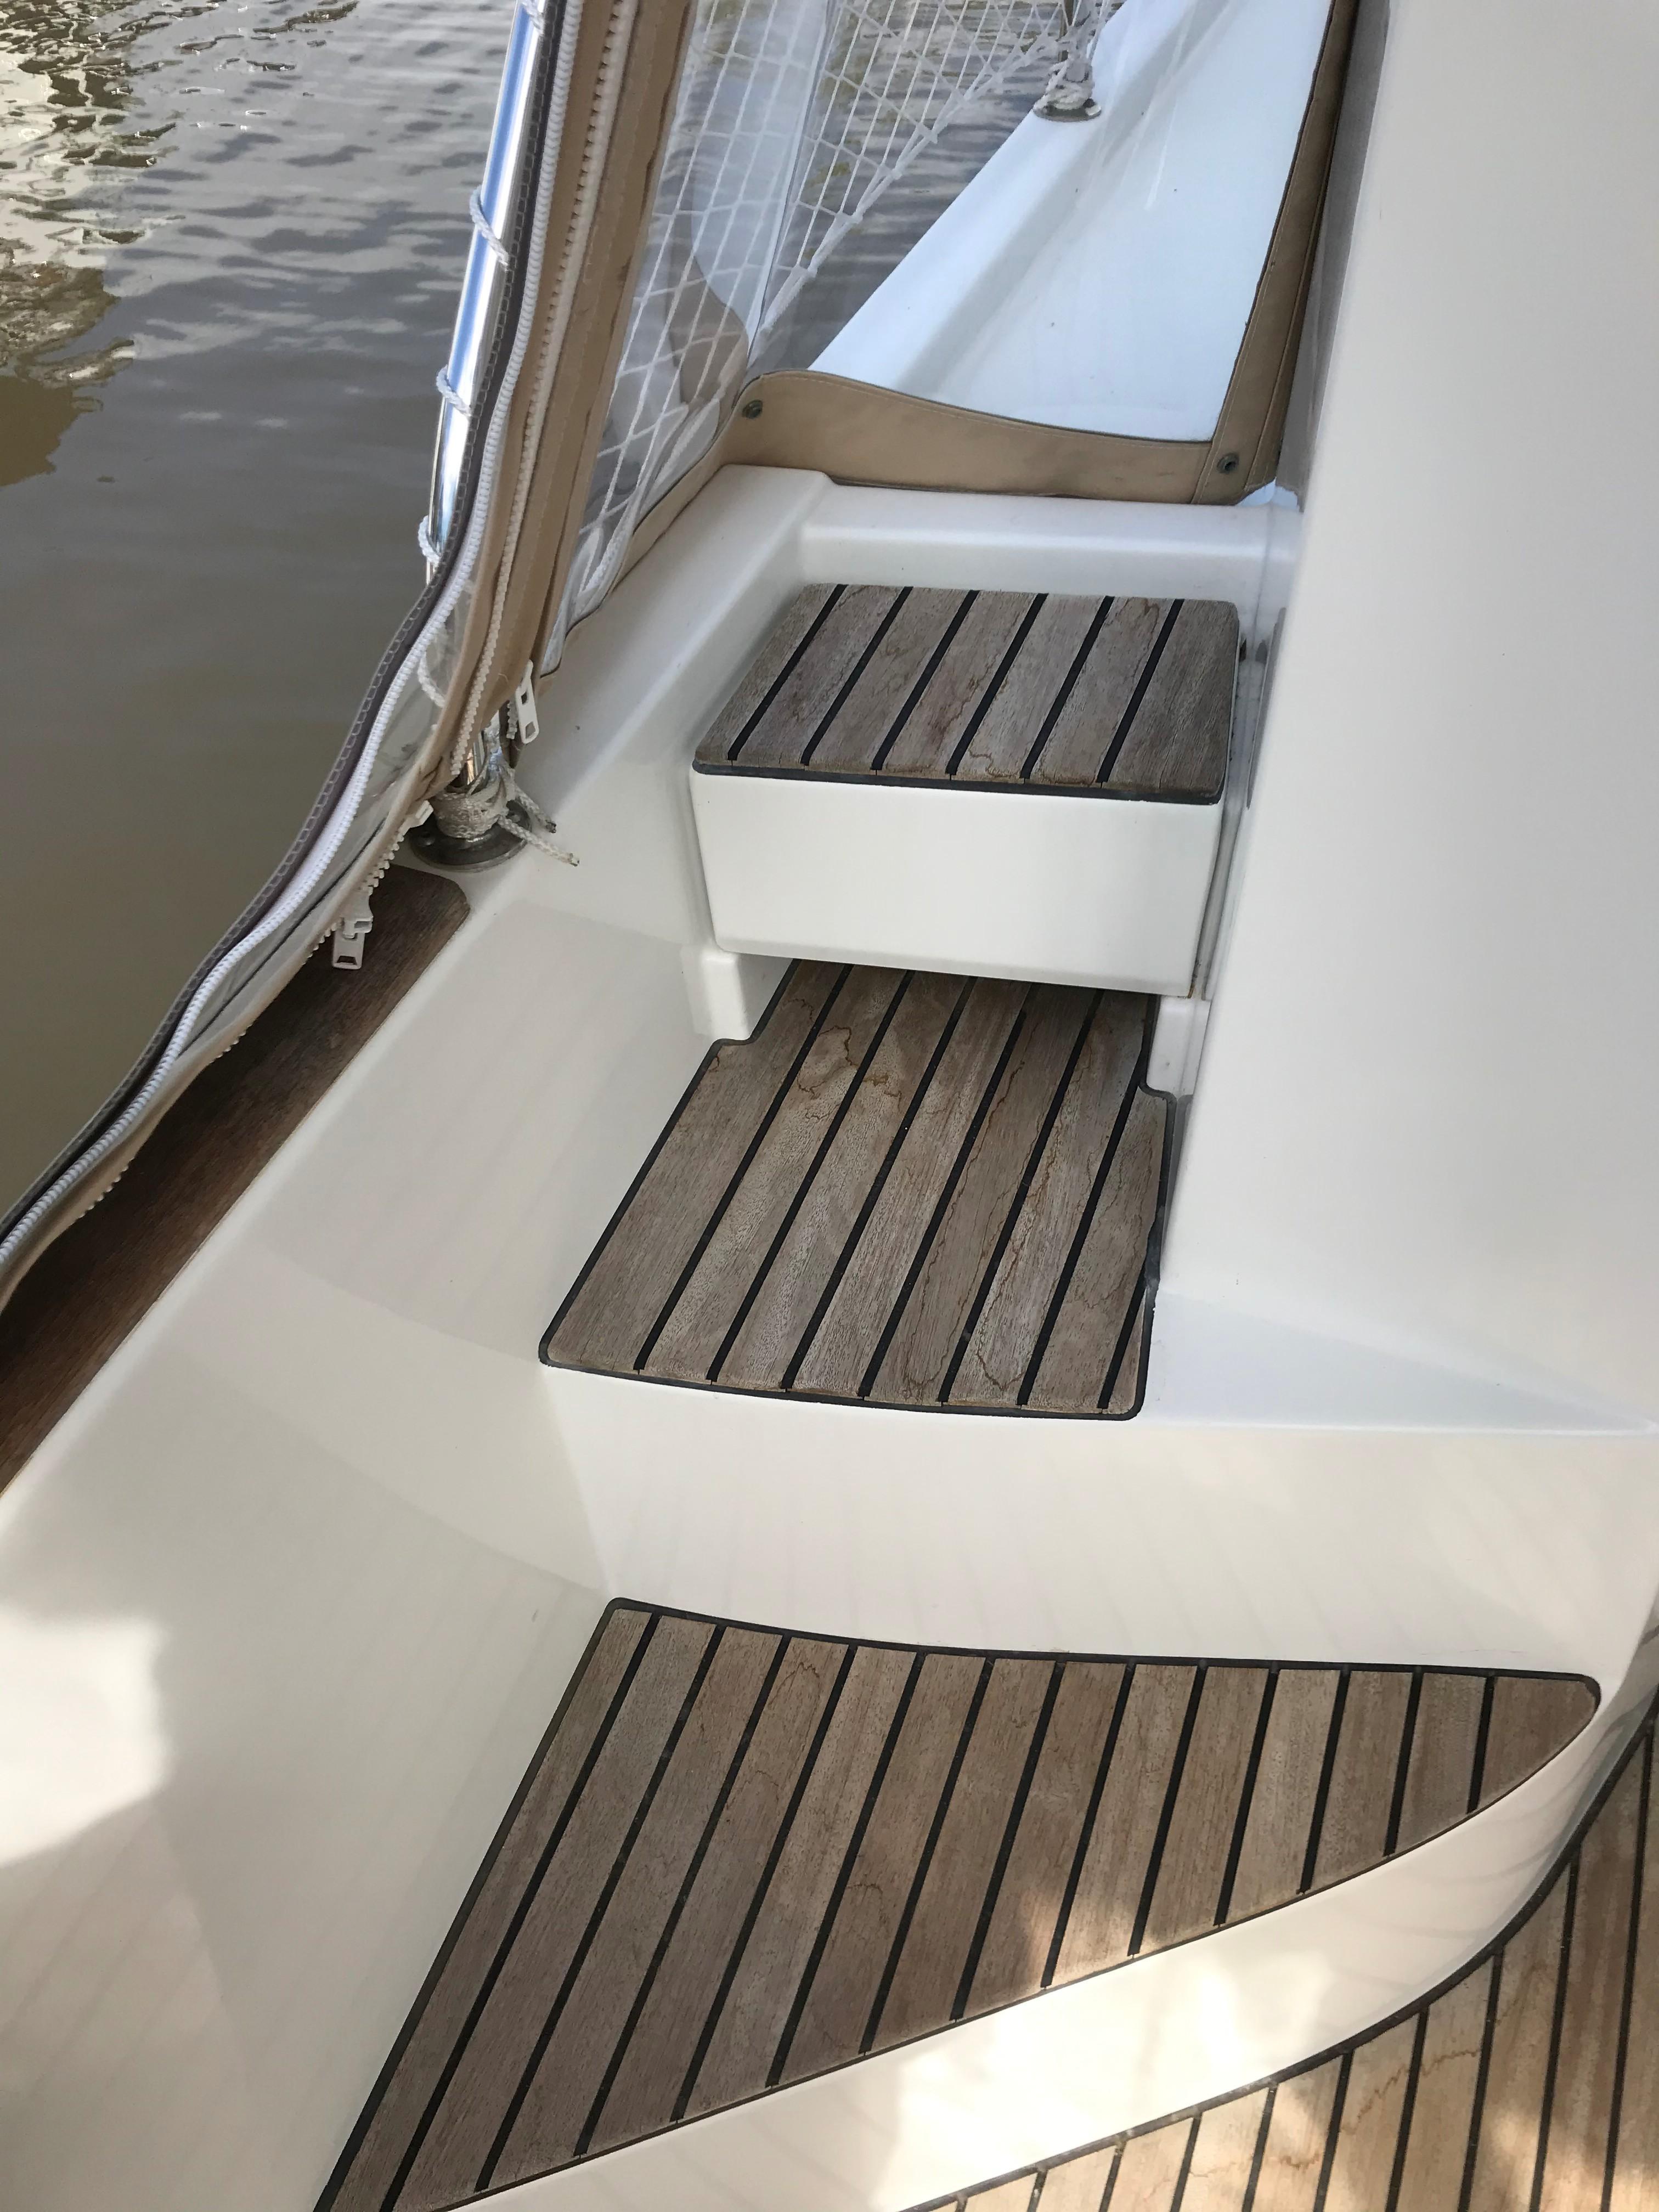 Beneteau 34 Swift Trawler - Steps to port side gunwale